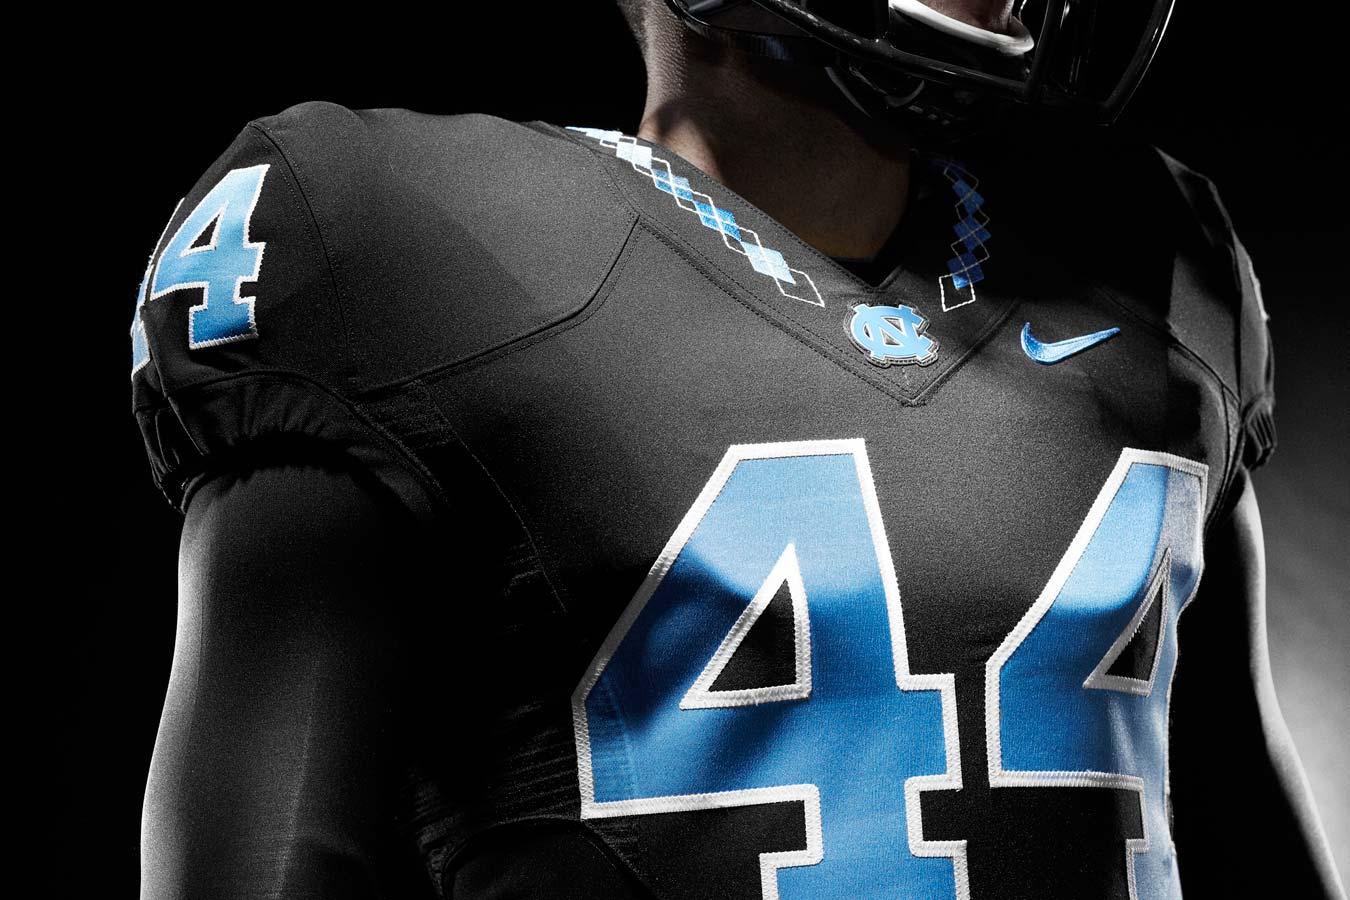 official photos 2e559 31143 North Carolina unveils new football uniforms | SI.com